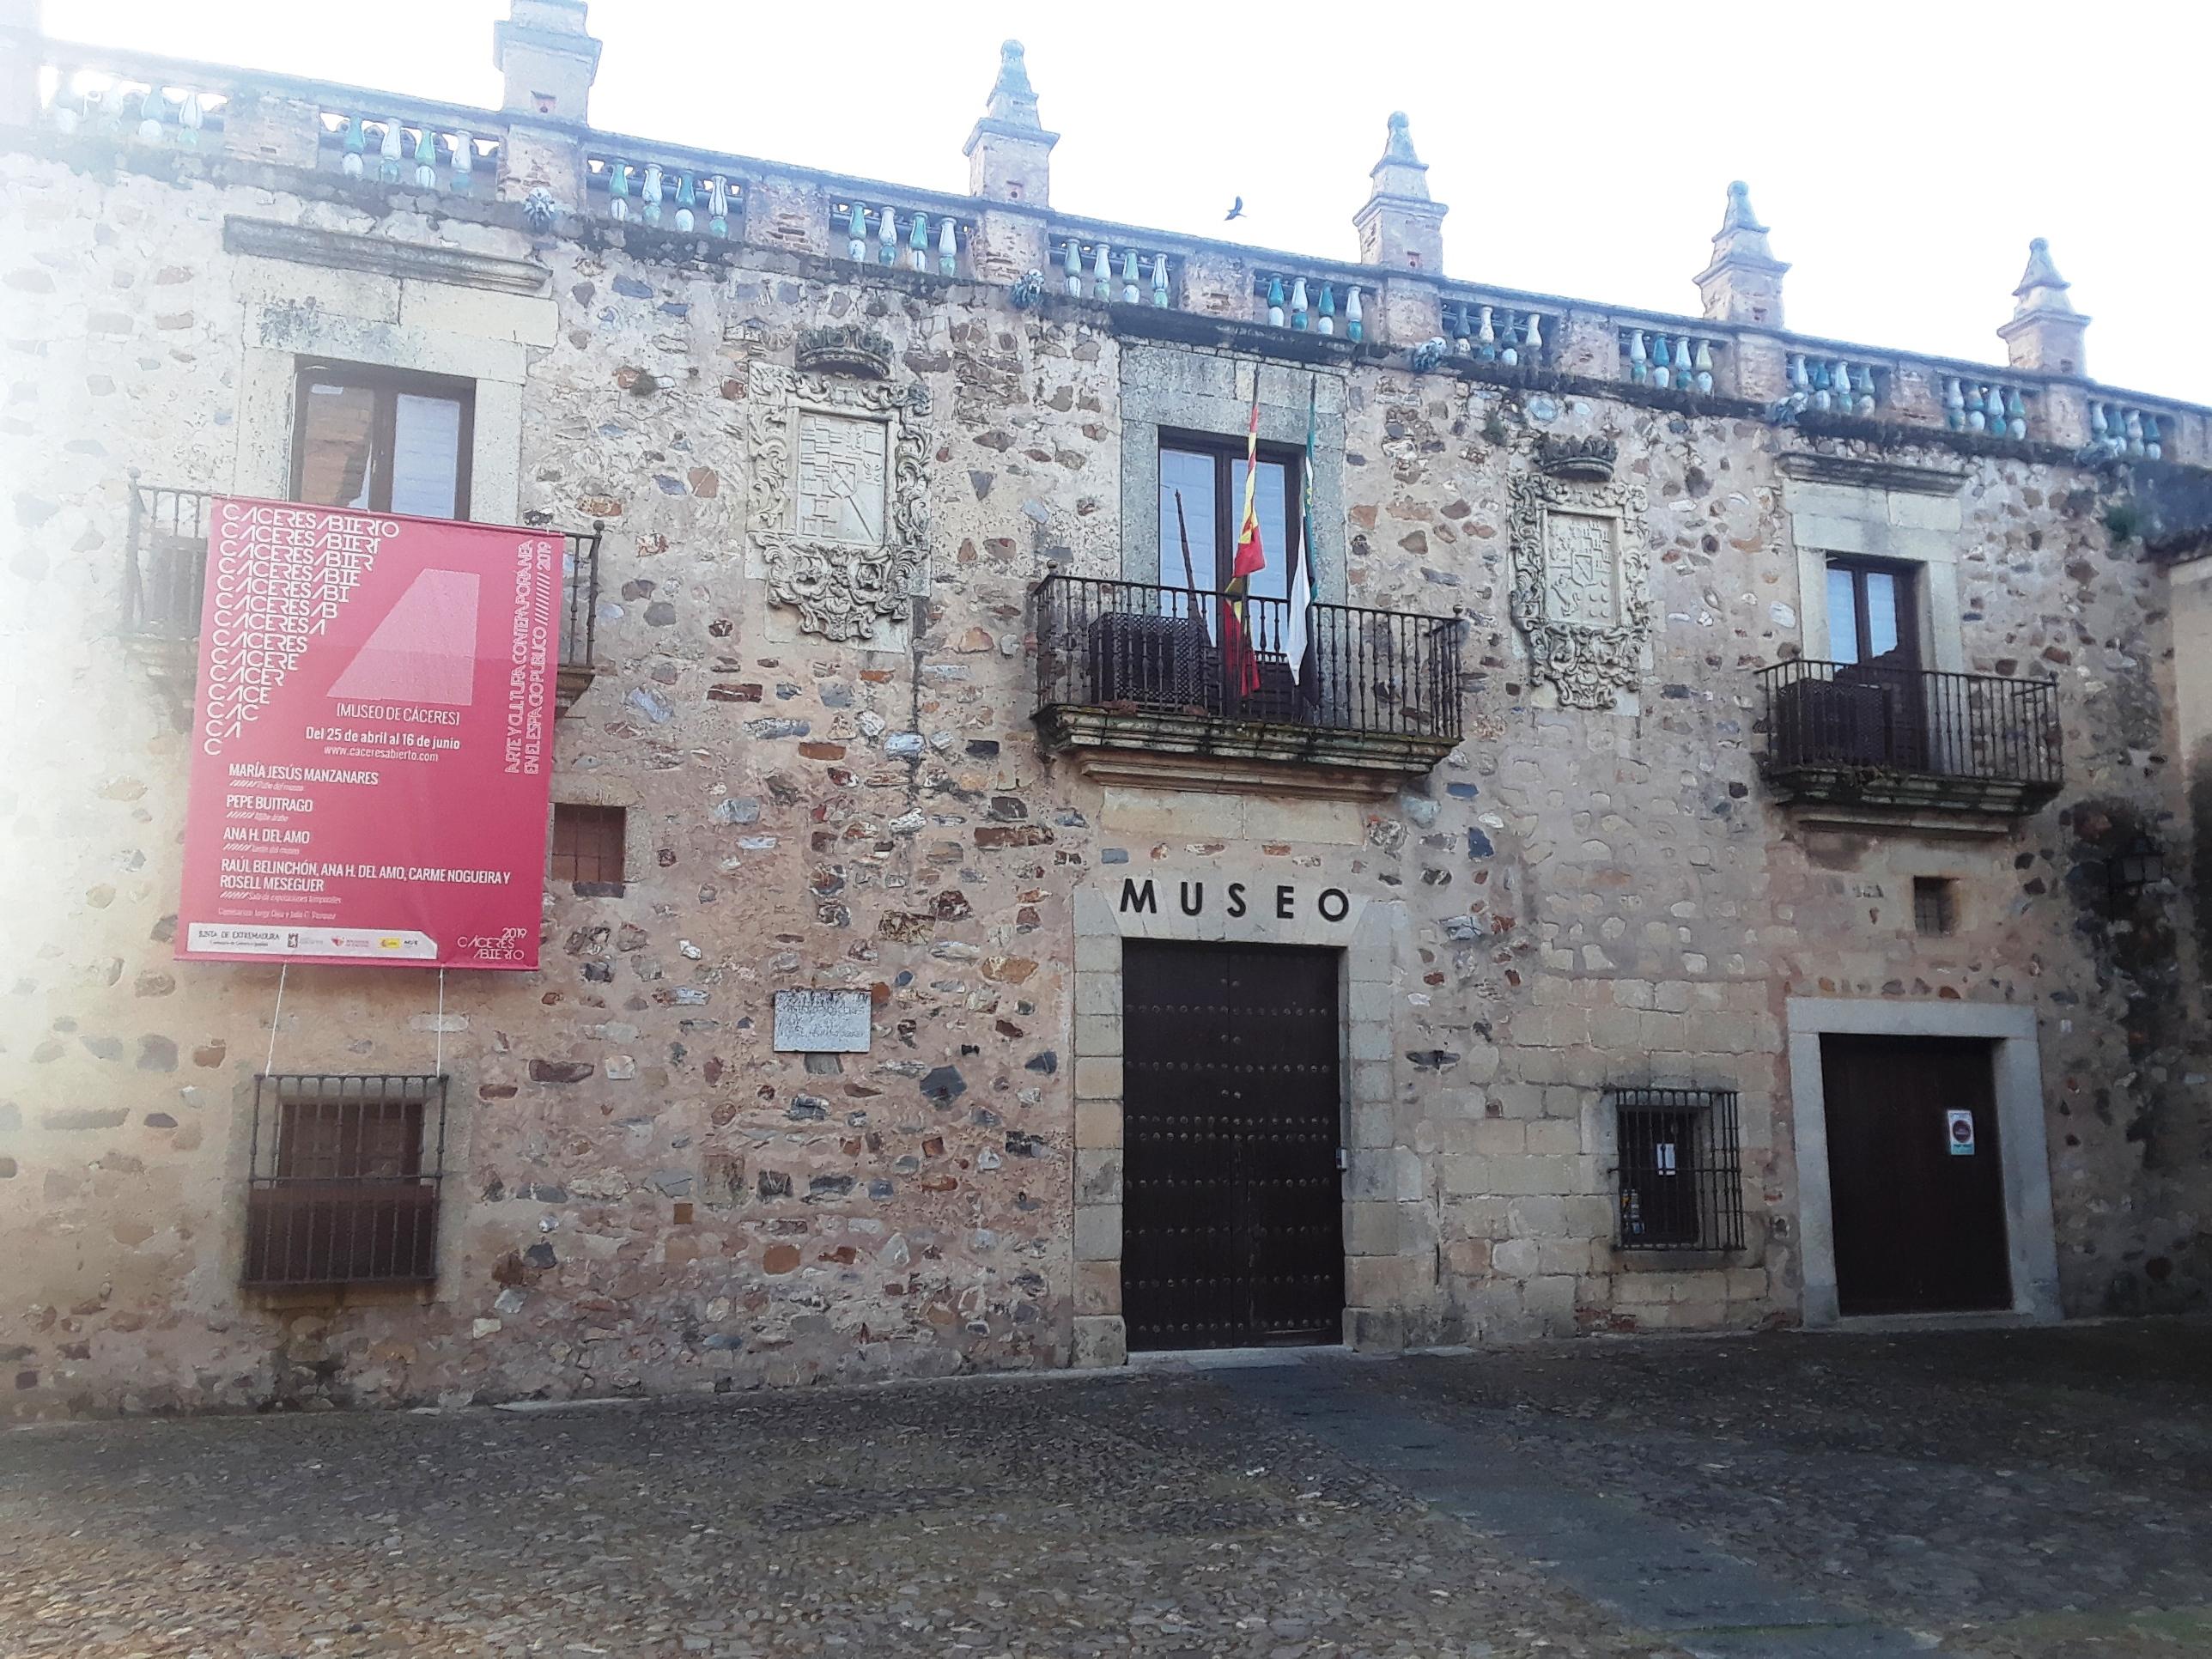 Museo en Plaza de las Veletas, Cáceres 4